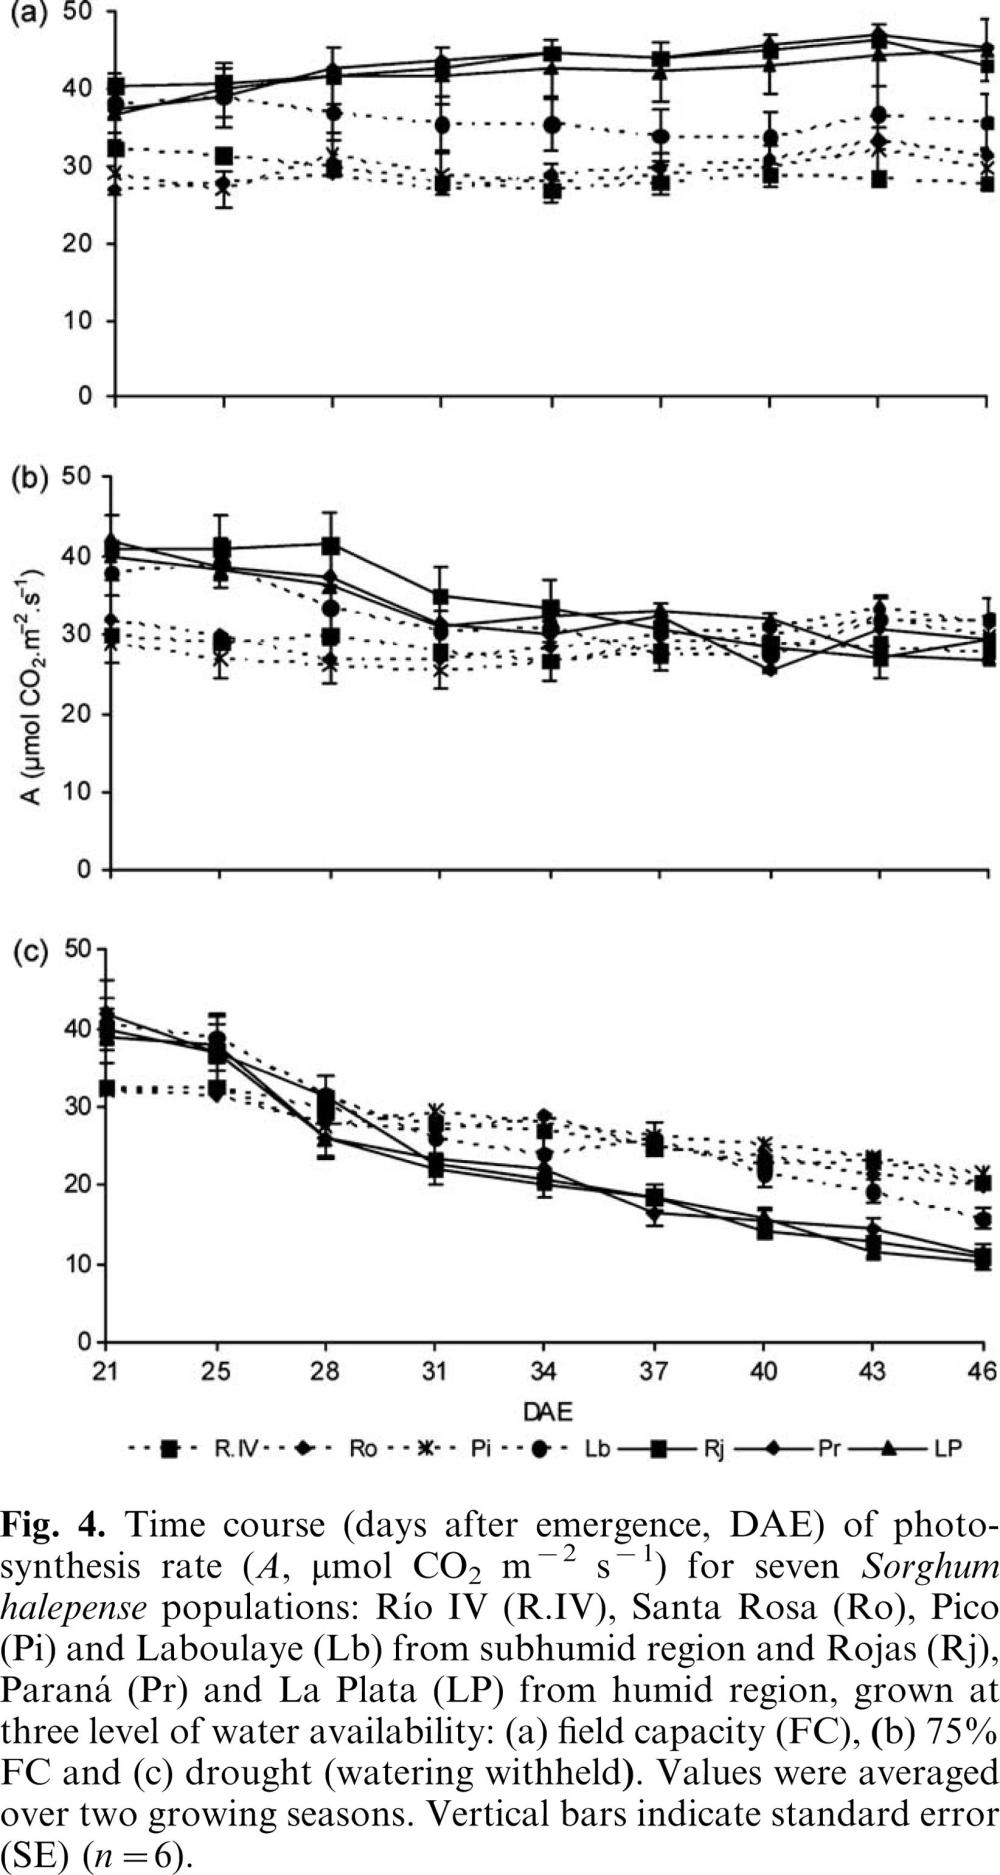 medium resolution of cjps10202f4 tif